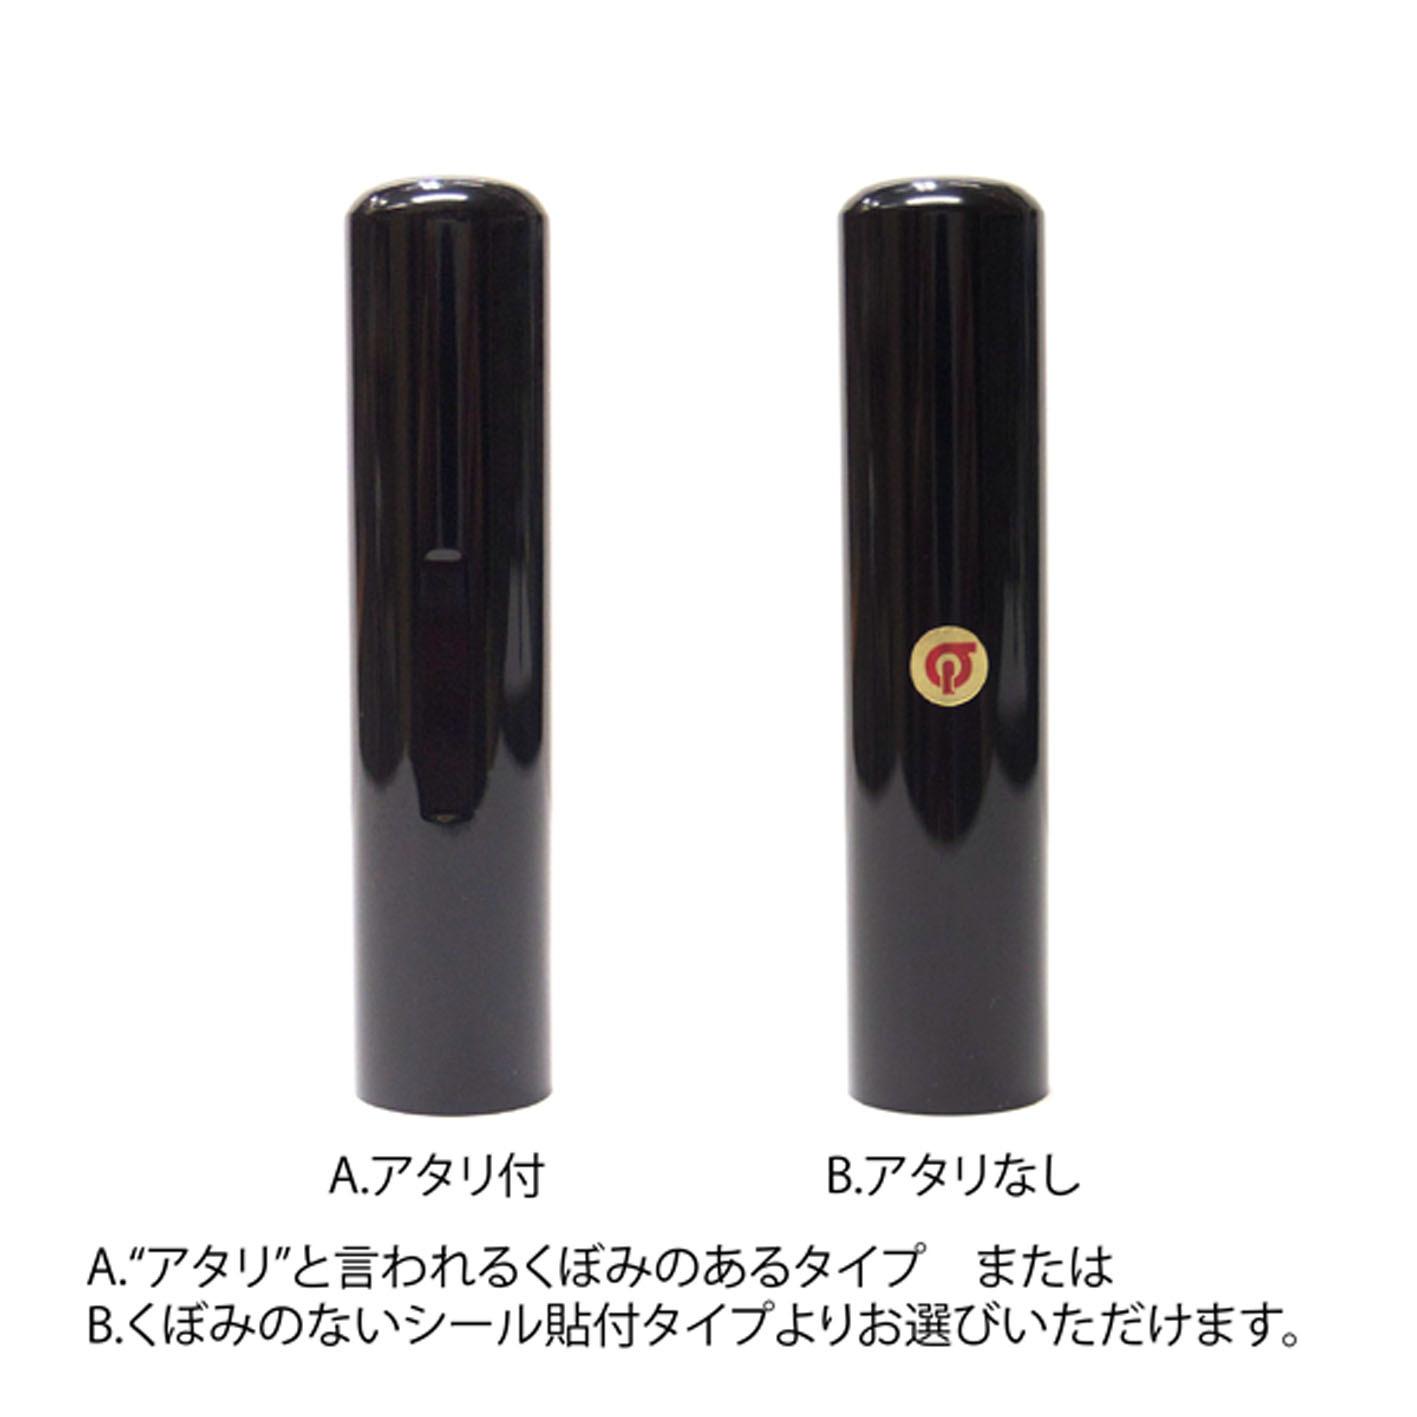 黒水牛個人銀行/認印10.5mm丸(姓または名)